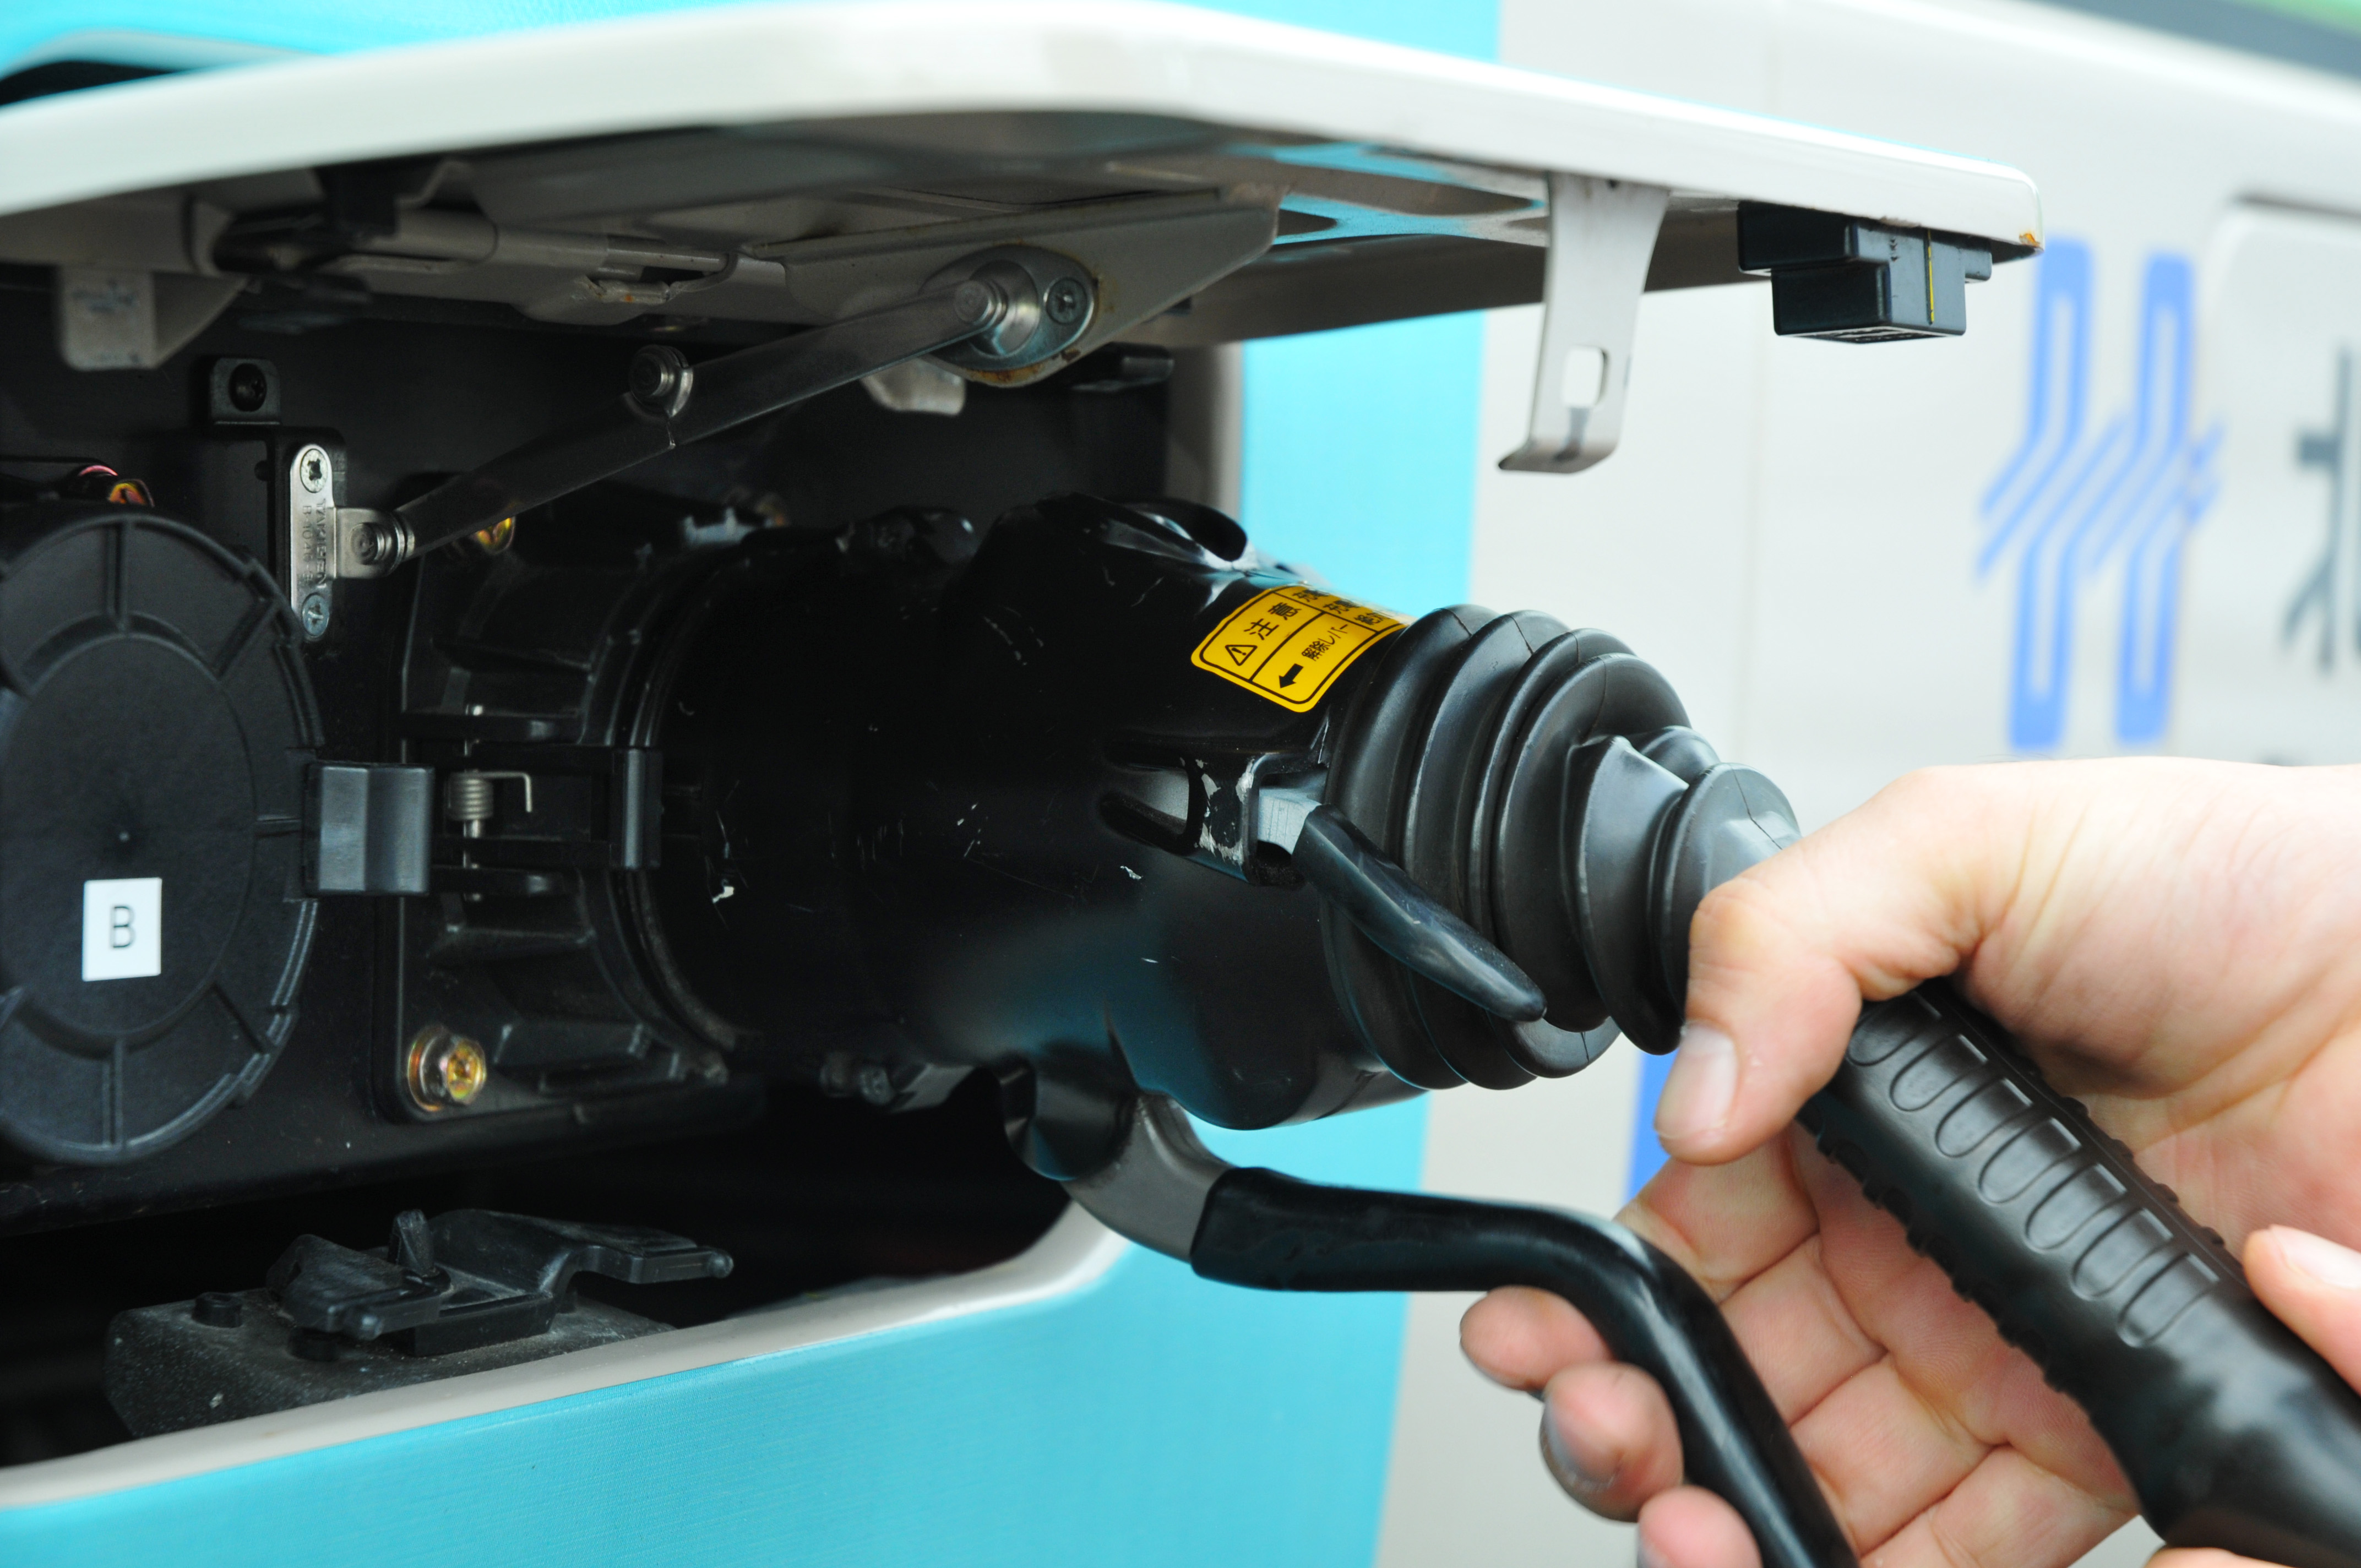 记者从工信部获悉,电动汽车充电接口标准已通过审查。《电动汽车充电设施发展规划》、《电动汽车充电基础设施指南》和《充电基础设施建设指导意见》等系列政策,也有望近期出台。 业内人士认为,今后新能源汽车用户再也不用为充电兼容问题所烦恼,新能源汽车的销量或将因此提振,利好全产业链。 充电兼容问题不再是烦恼 这份《电动汽车传导充电用连接装置》有三项系列国家标准,近日已通过全国汽车标准化技术委员会专家审查,这标志着我国充电接口标准修订工作取得重要进展。 此前,我国电动车执行的国家标准仅针对了插座、接口等比较初级的方面